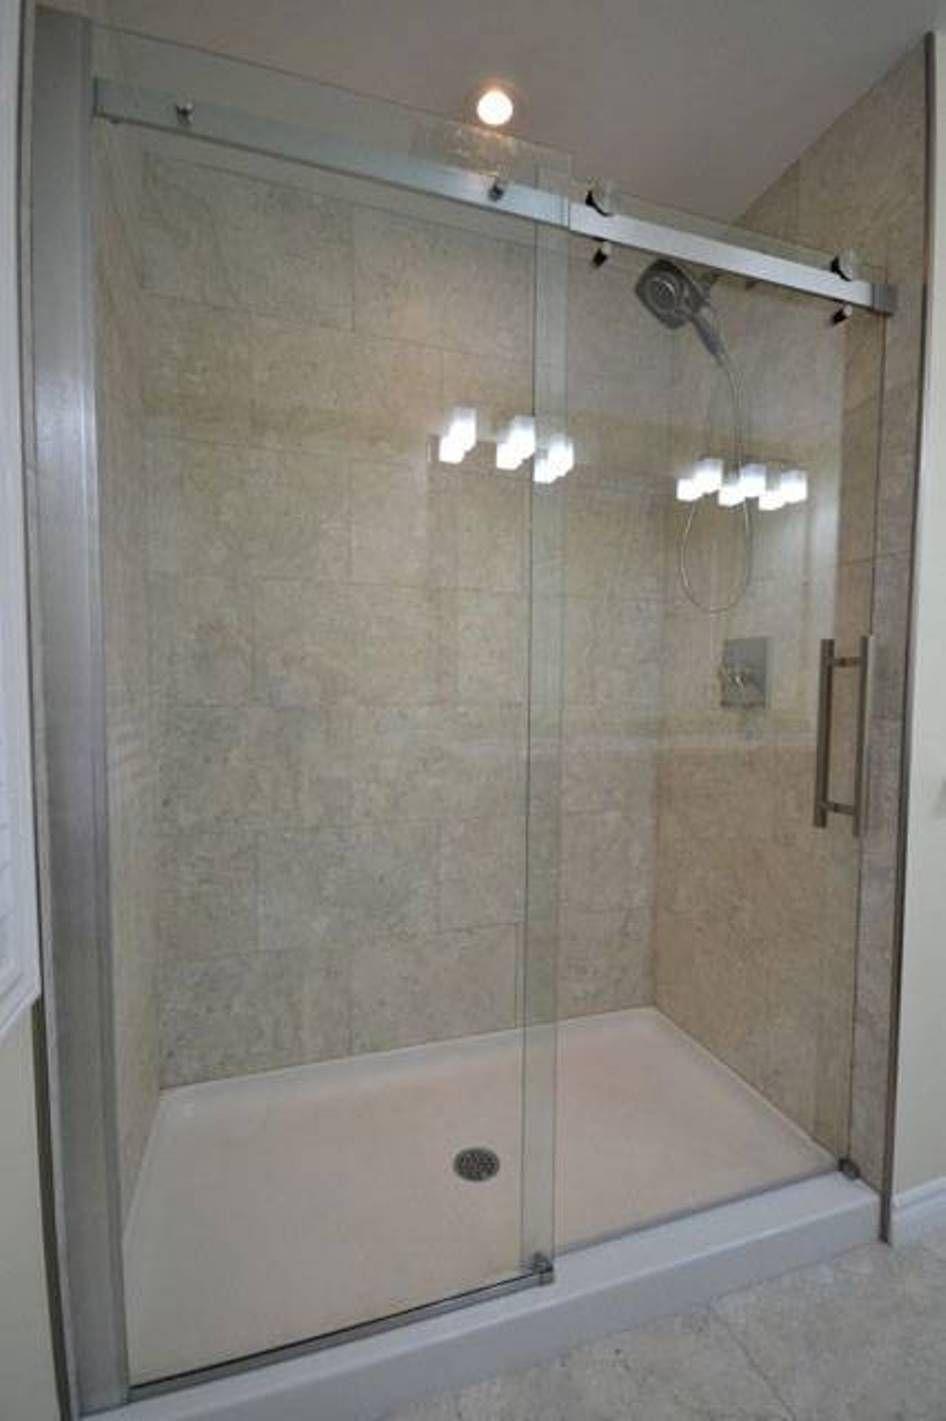 Shower Pan With Sliding Glass Door In Bathroom Fiberglass Shower